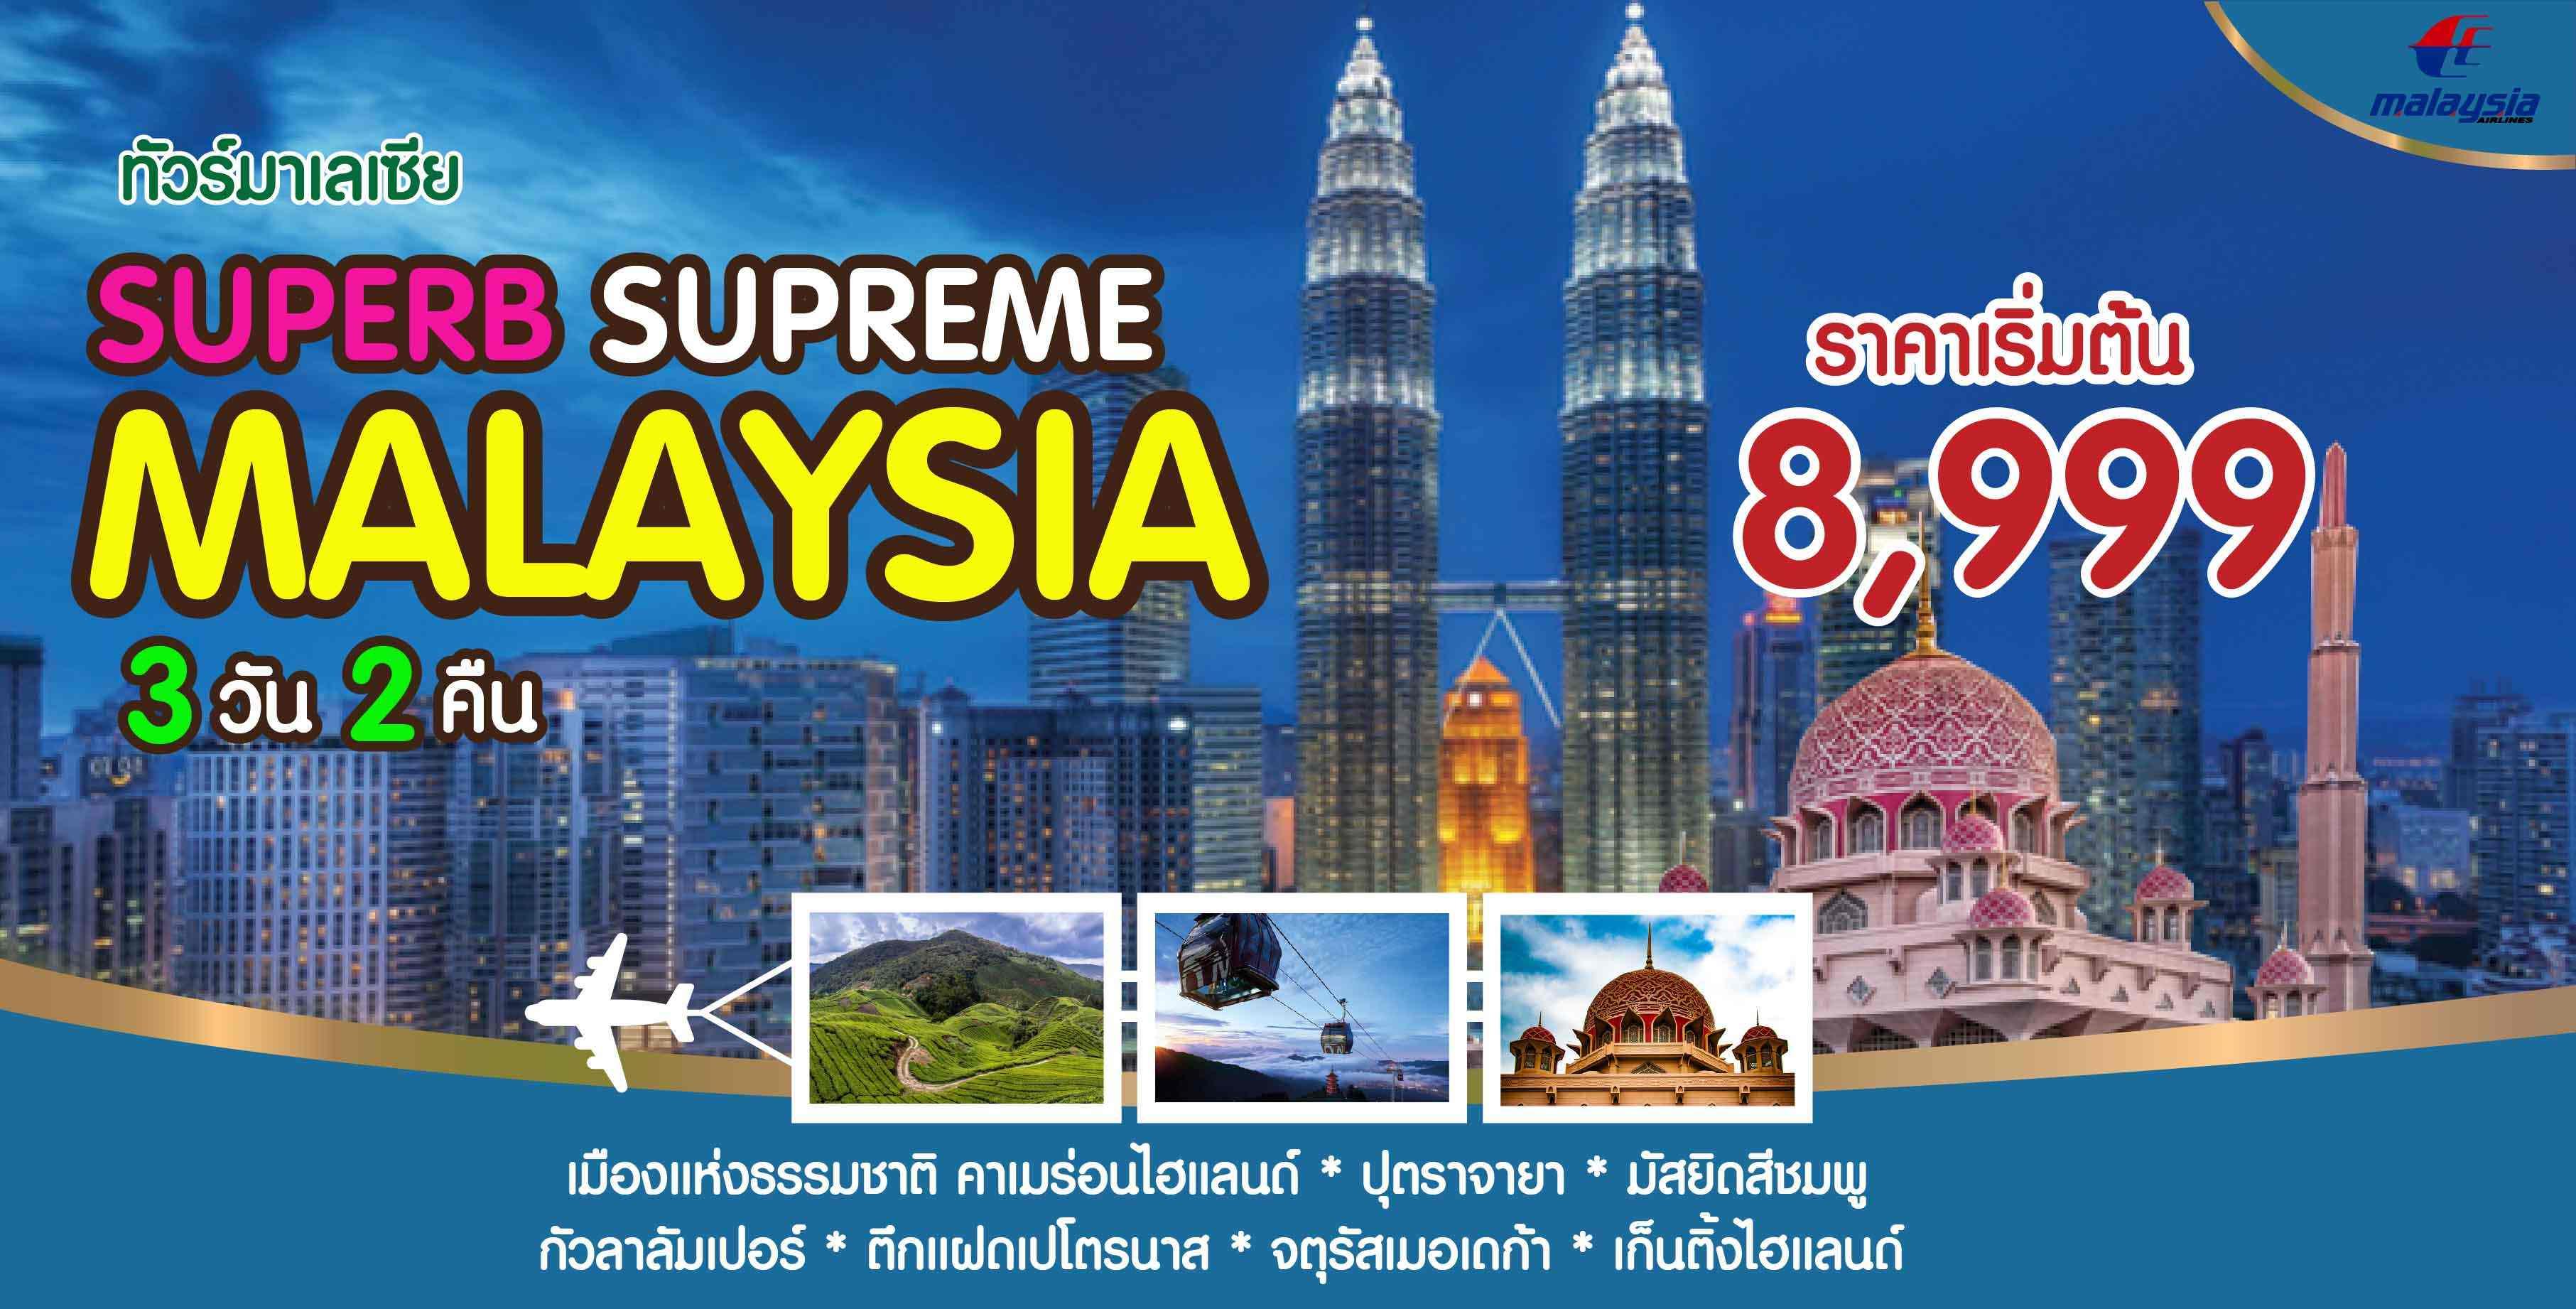 ทัวร์มาเลเซีย  SUPREME MALAYSIA 3 วัน 2 คืน บินมาเลเซียแอร์ไลน์(MH)